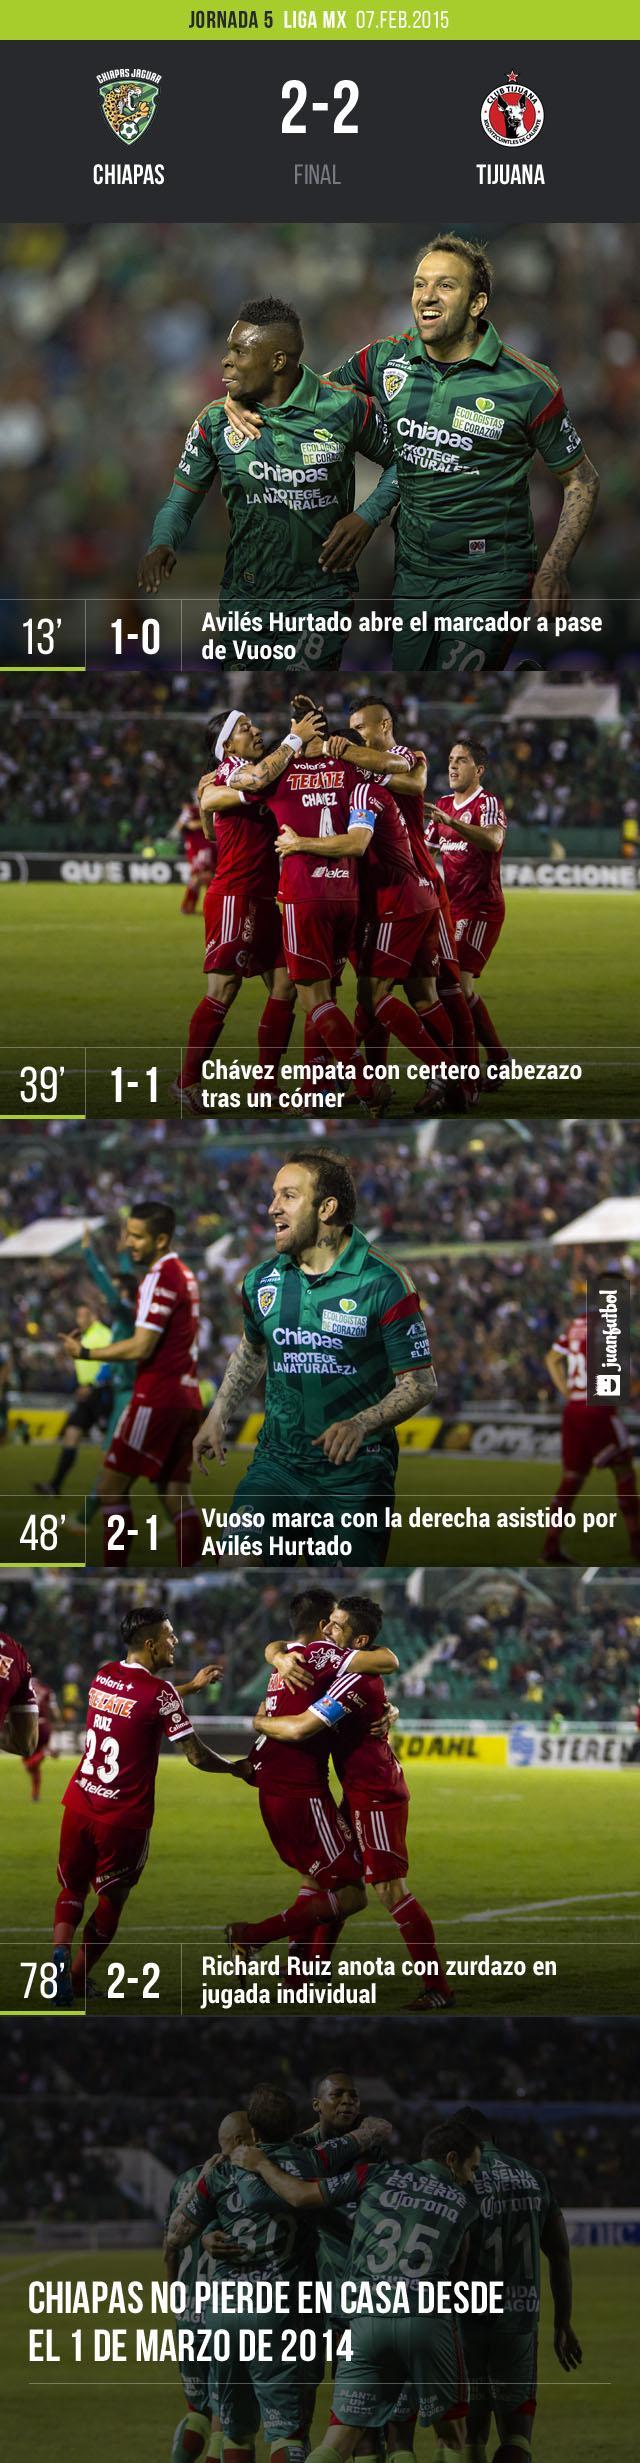 Tijuana rescató un punto de Chiapas gracias a un gol de Richard Ruiz